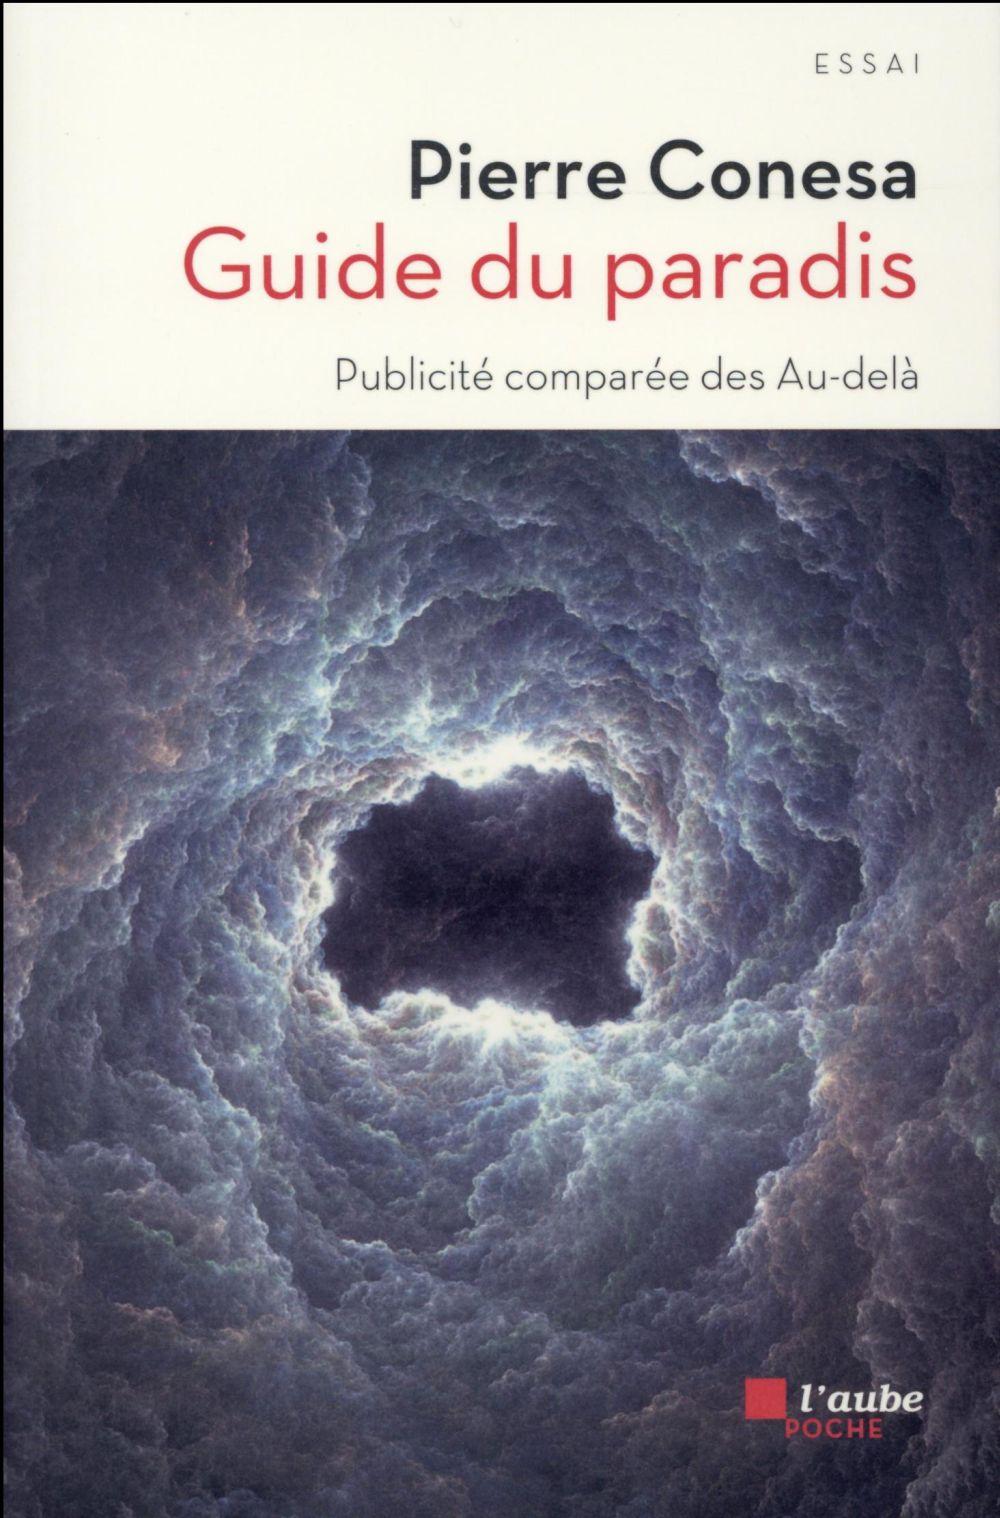 GUIDE DU PARADIS   PUBLICITE COMPAREE DES AU DELA